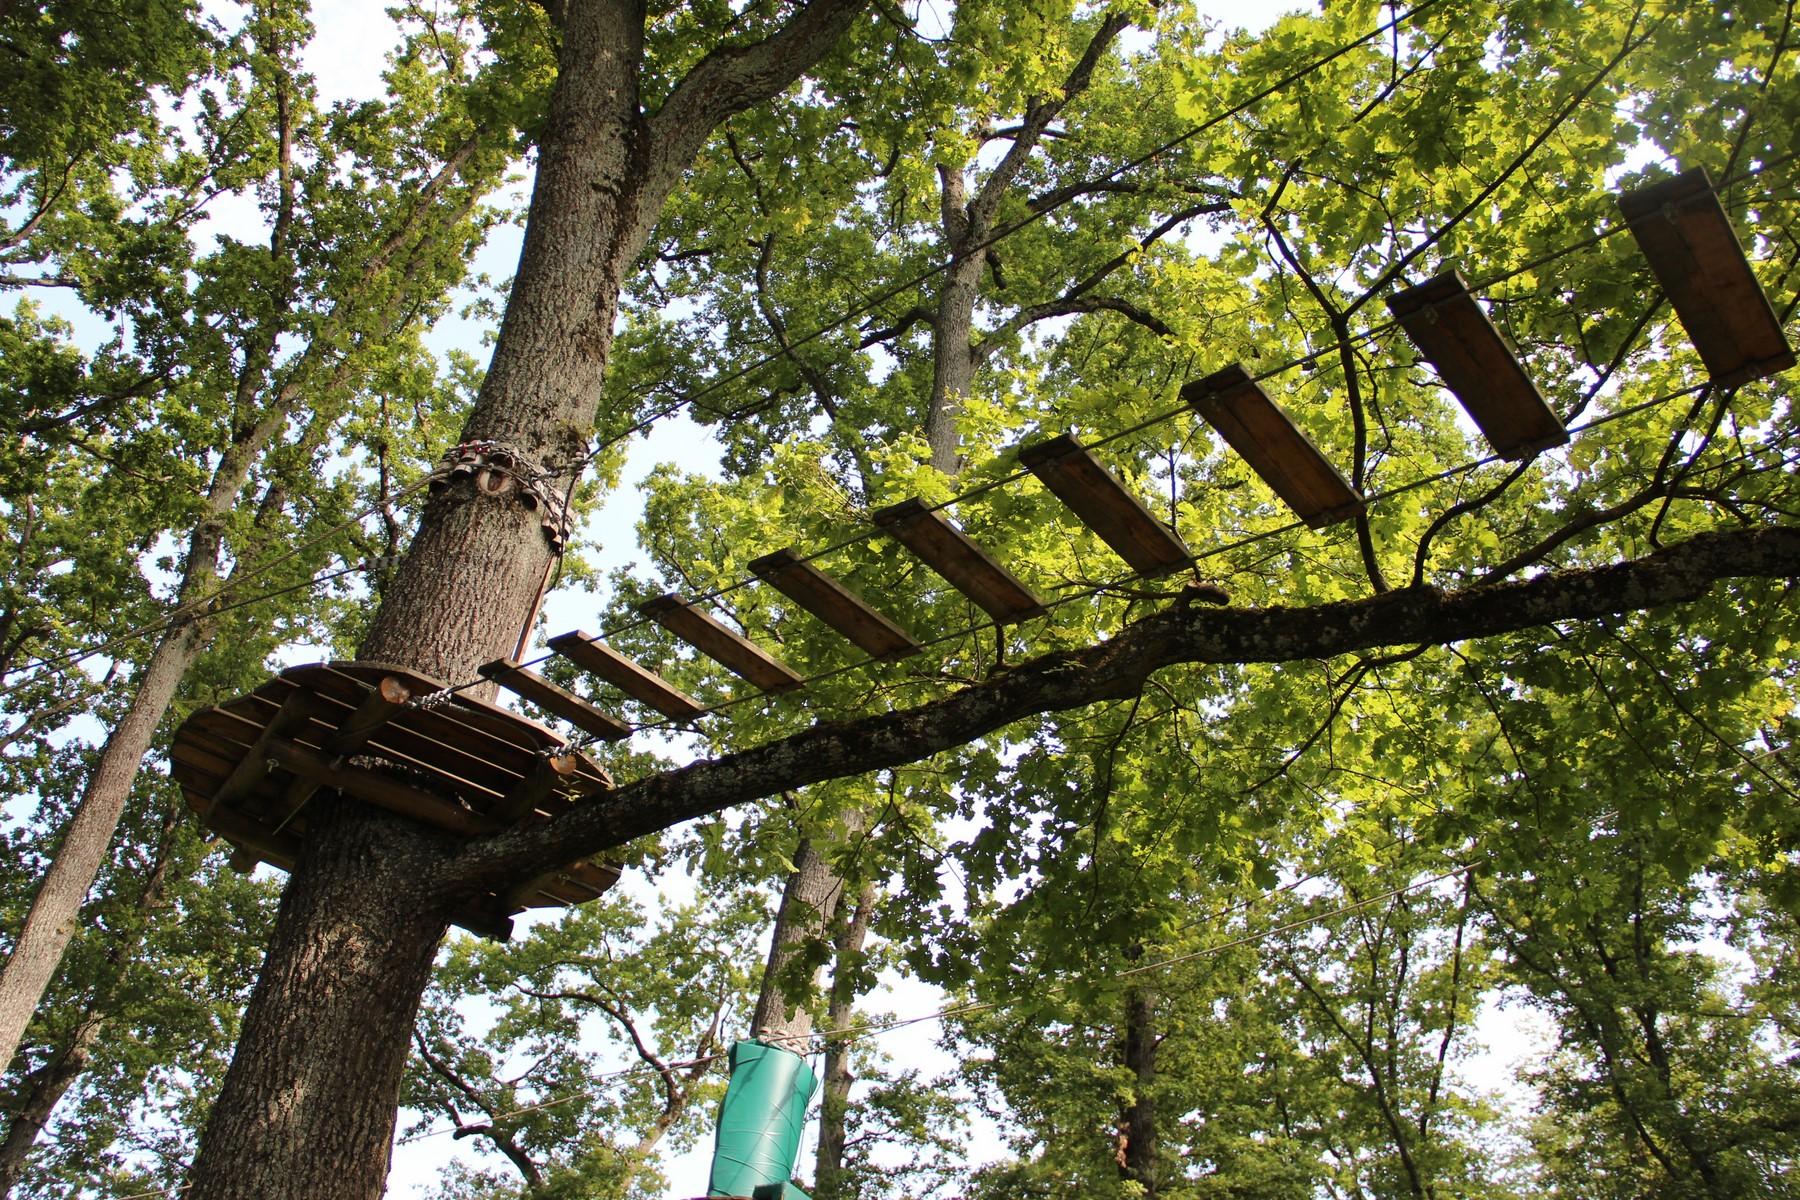 parc aventure genève - accrobranche genève